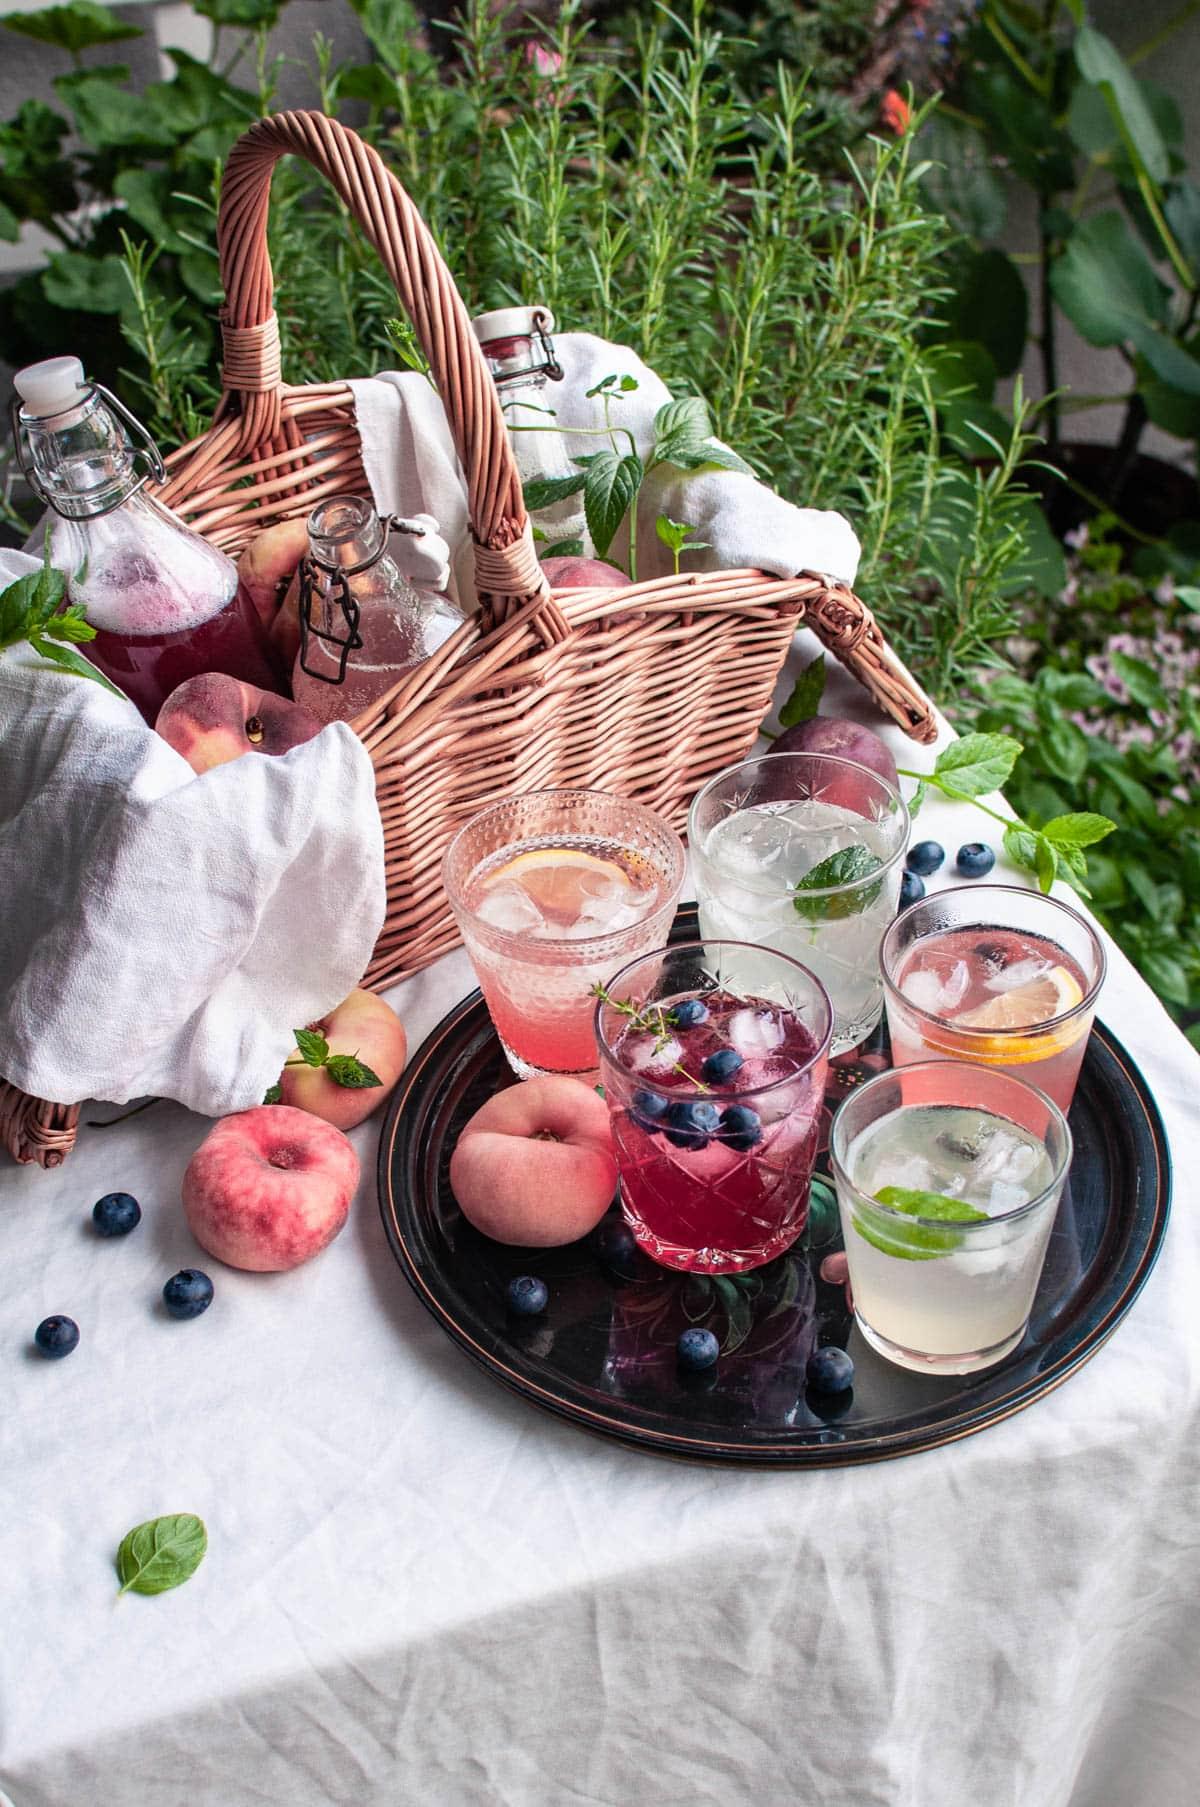 Pöydällä kori, jossa on limsapulloja ja persikoita sekä tarjotin, jolla on viisi lasillista limonadia